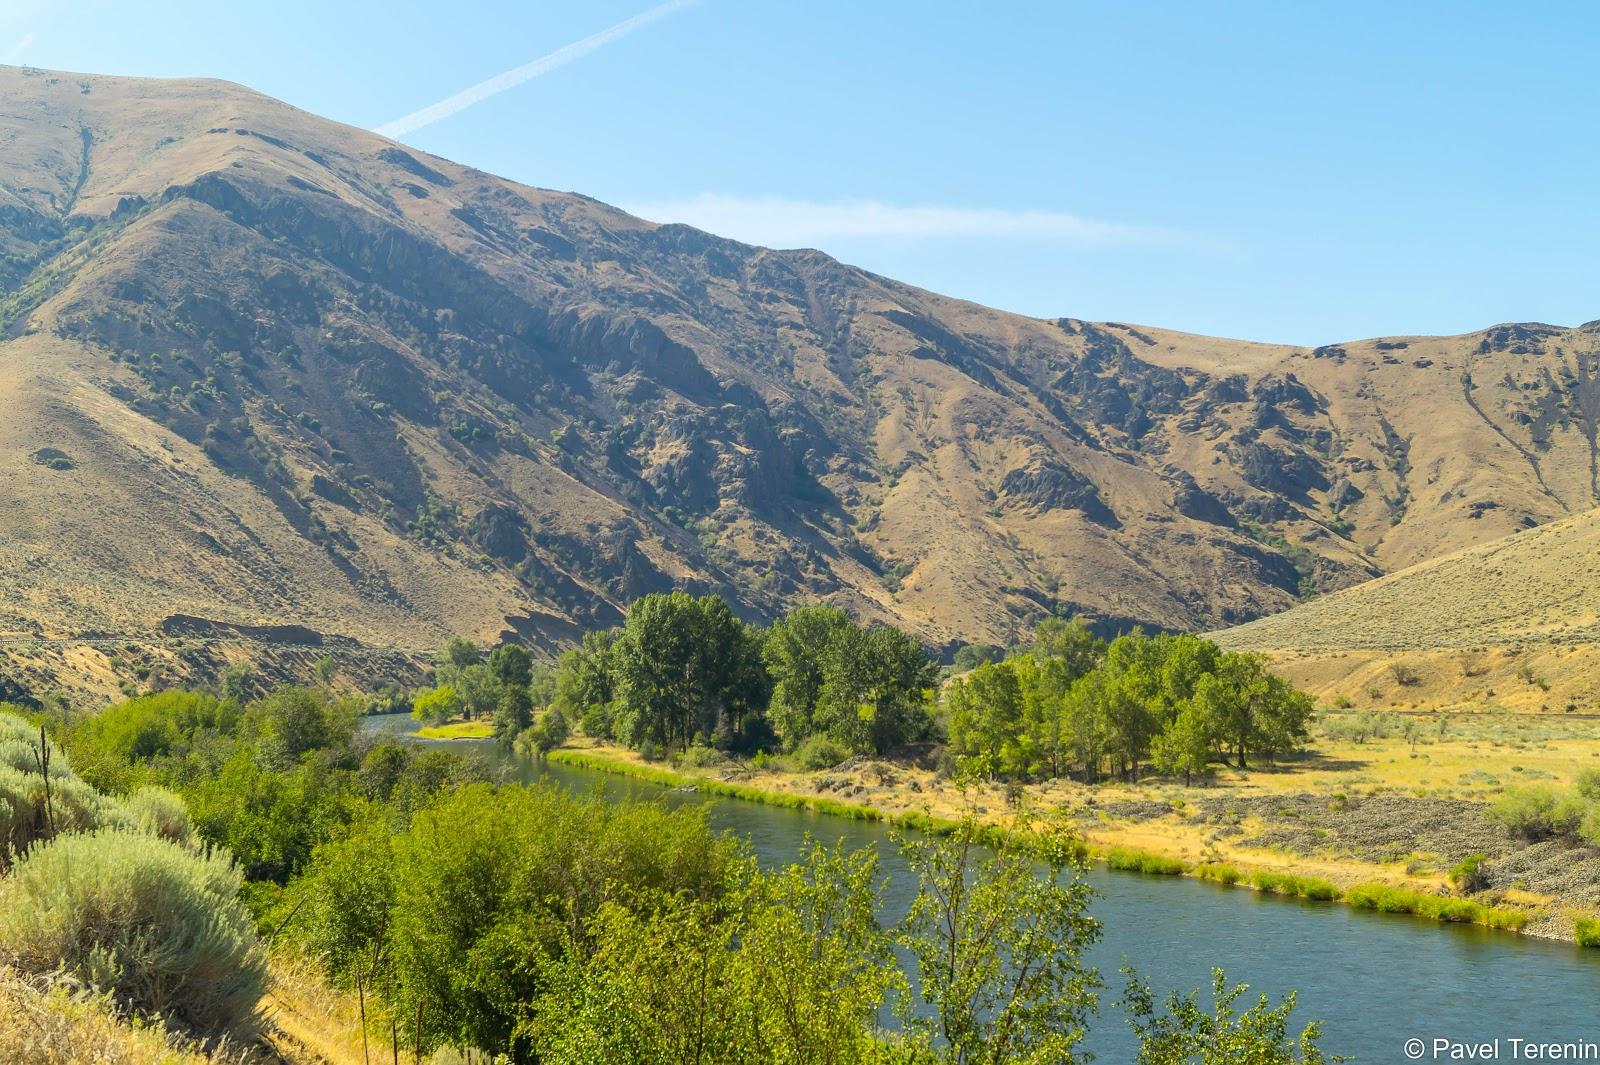 Берега реки, словно оазисы, покрыты зеленью. Дальше от берега - пустыня.